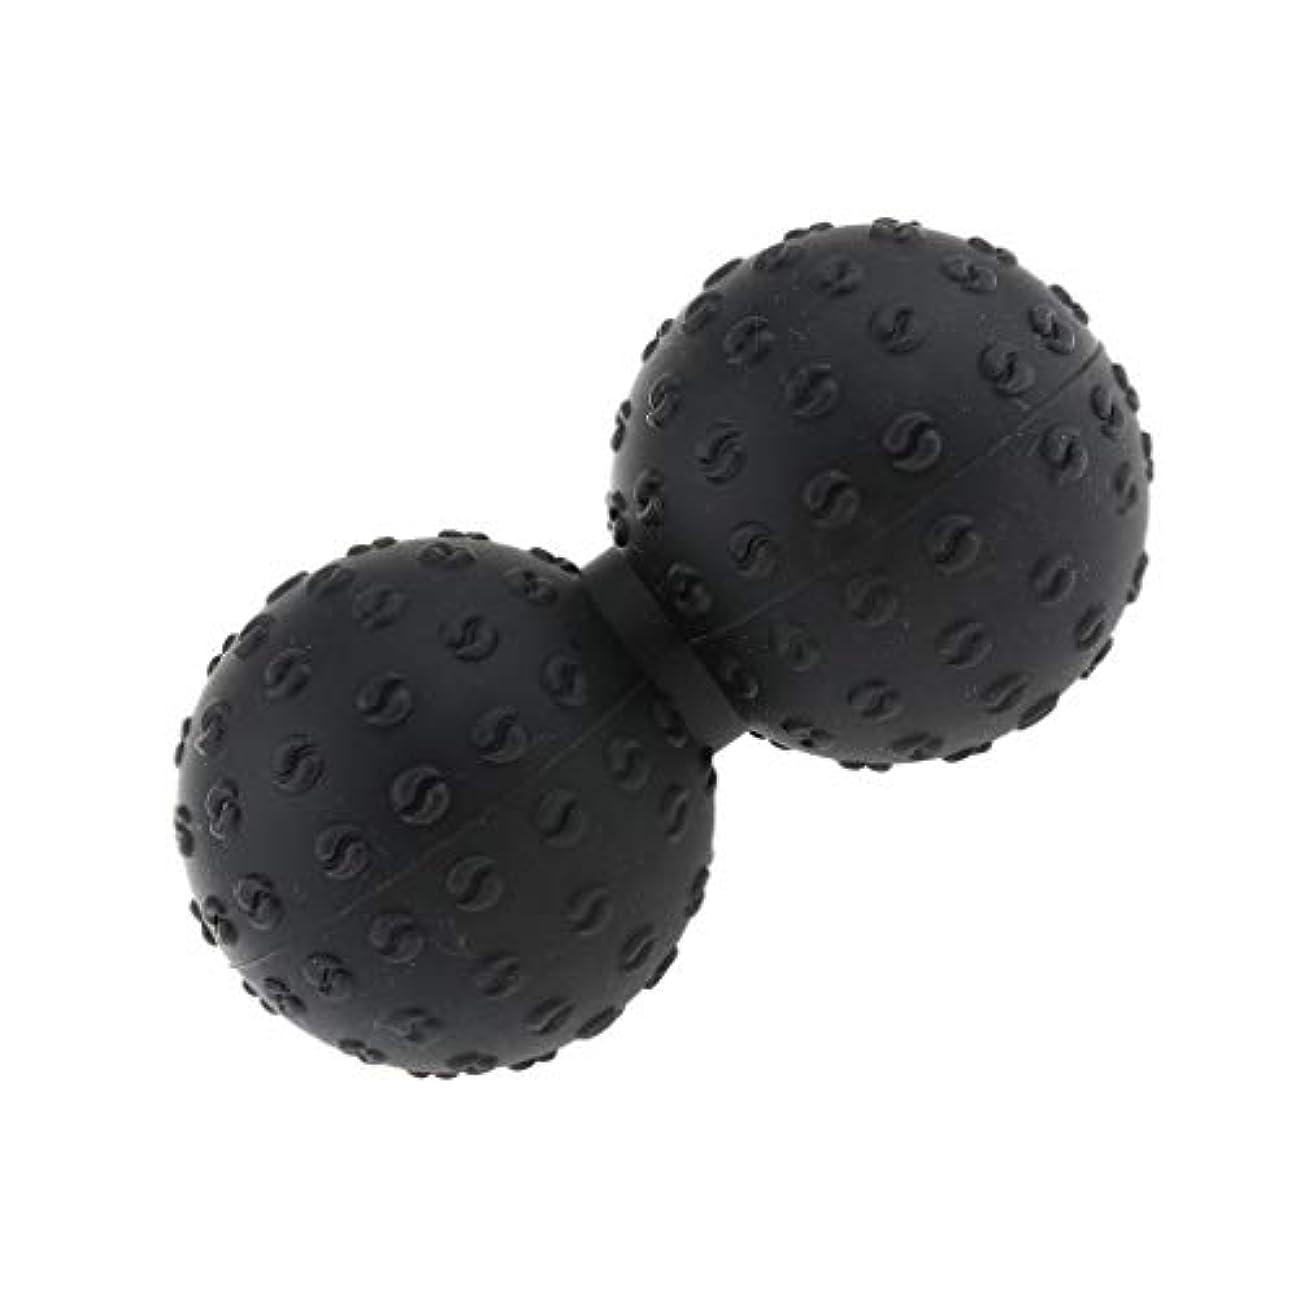 フリンジブラザー基準マッサージボール 指圧ボール シリコン ピーナッツ トリガーポイント 肩、足、腕など 解消 全6色 - ブラック, 説明のとおり